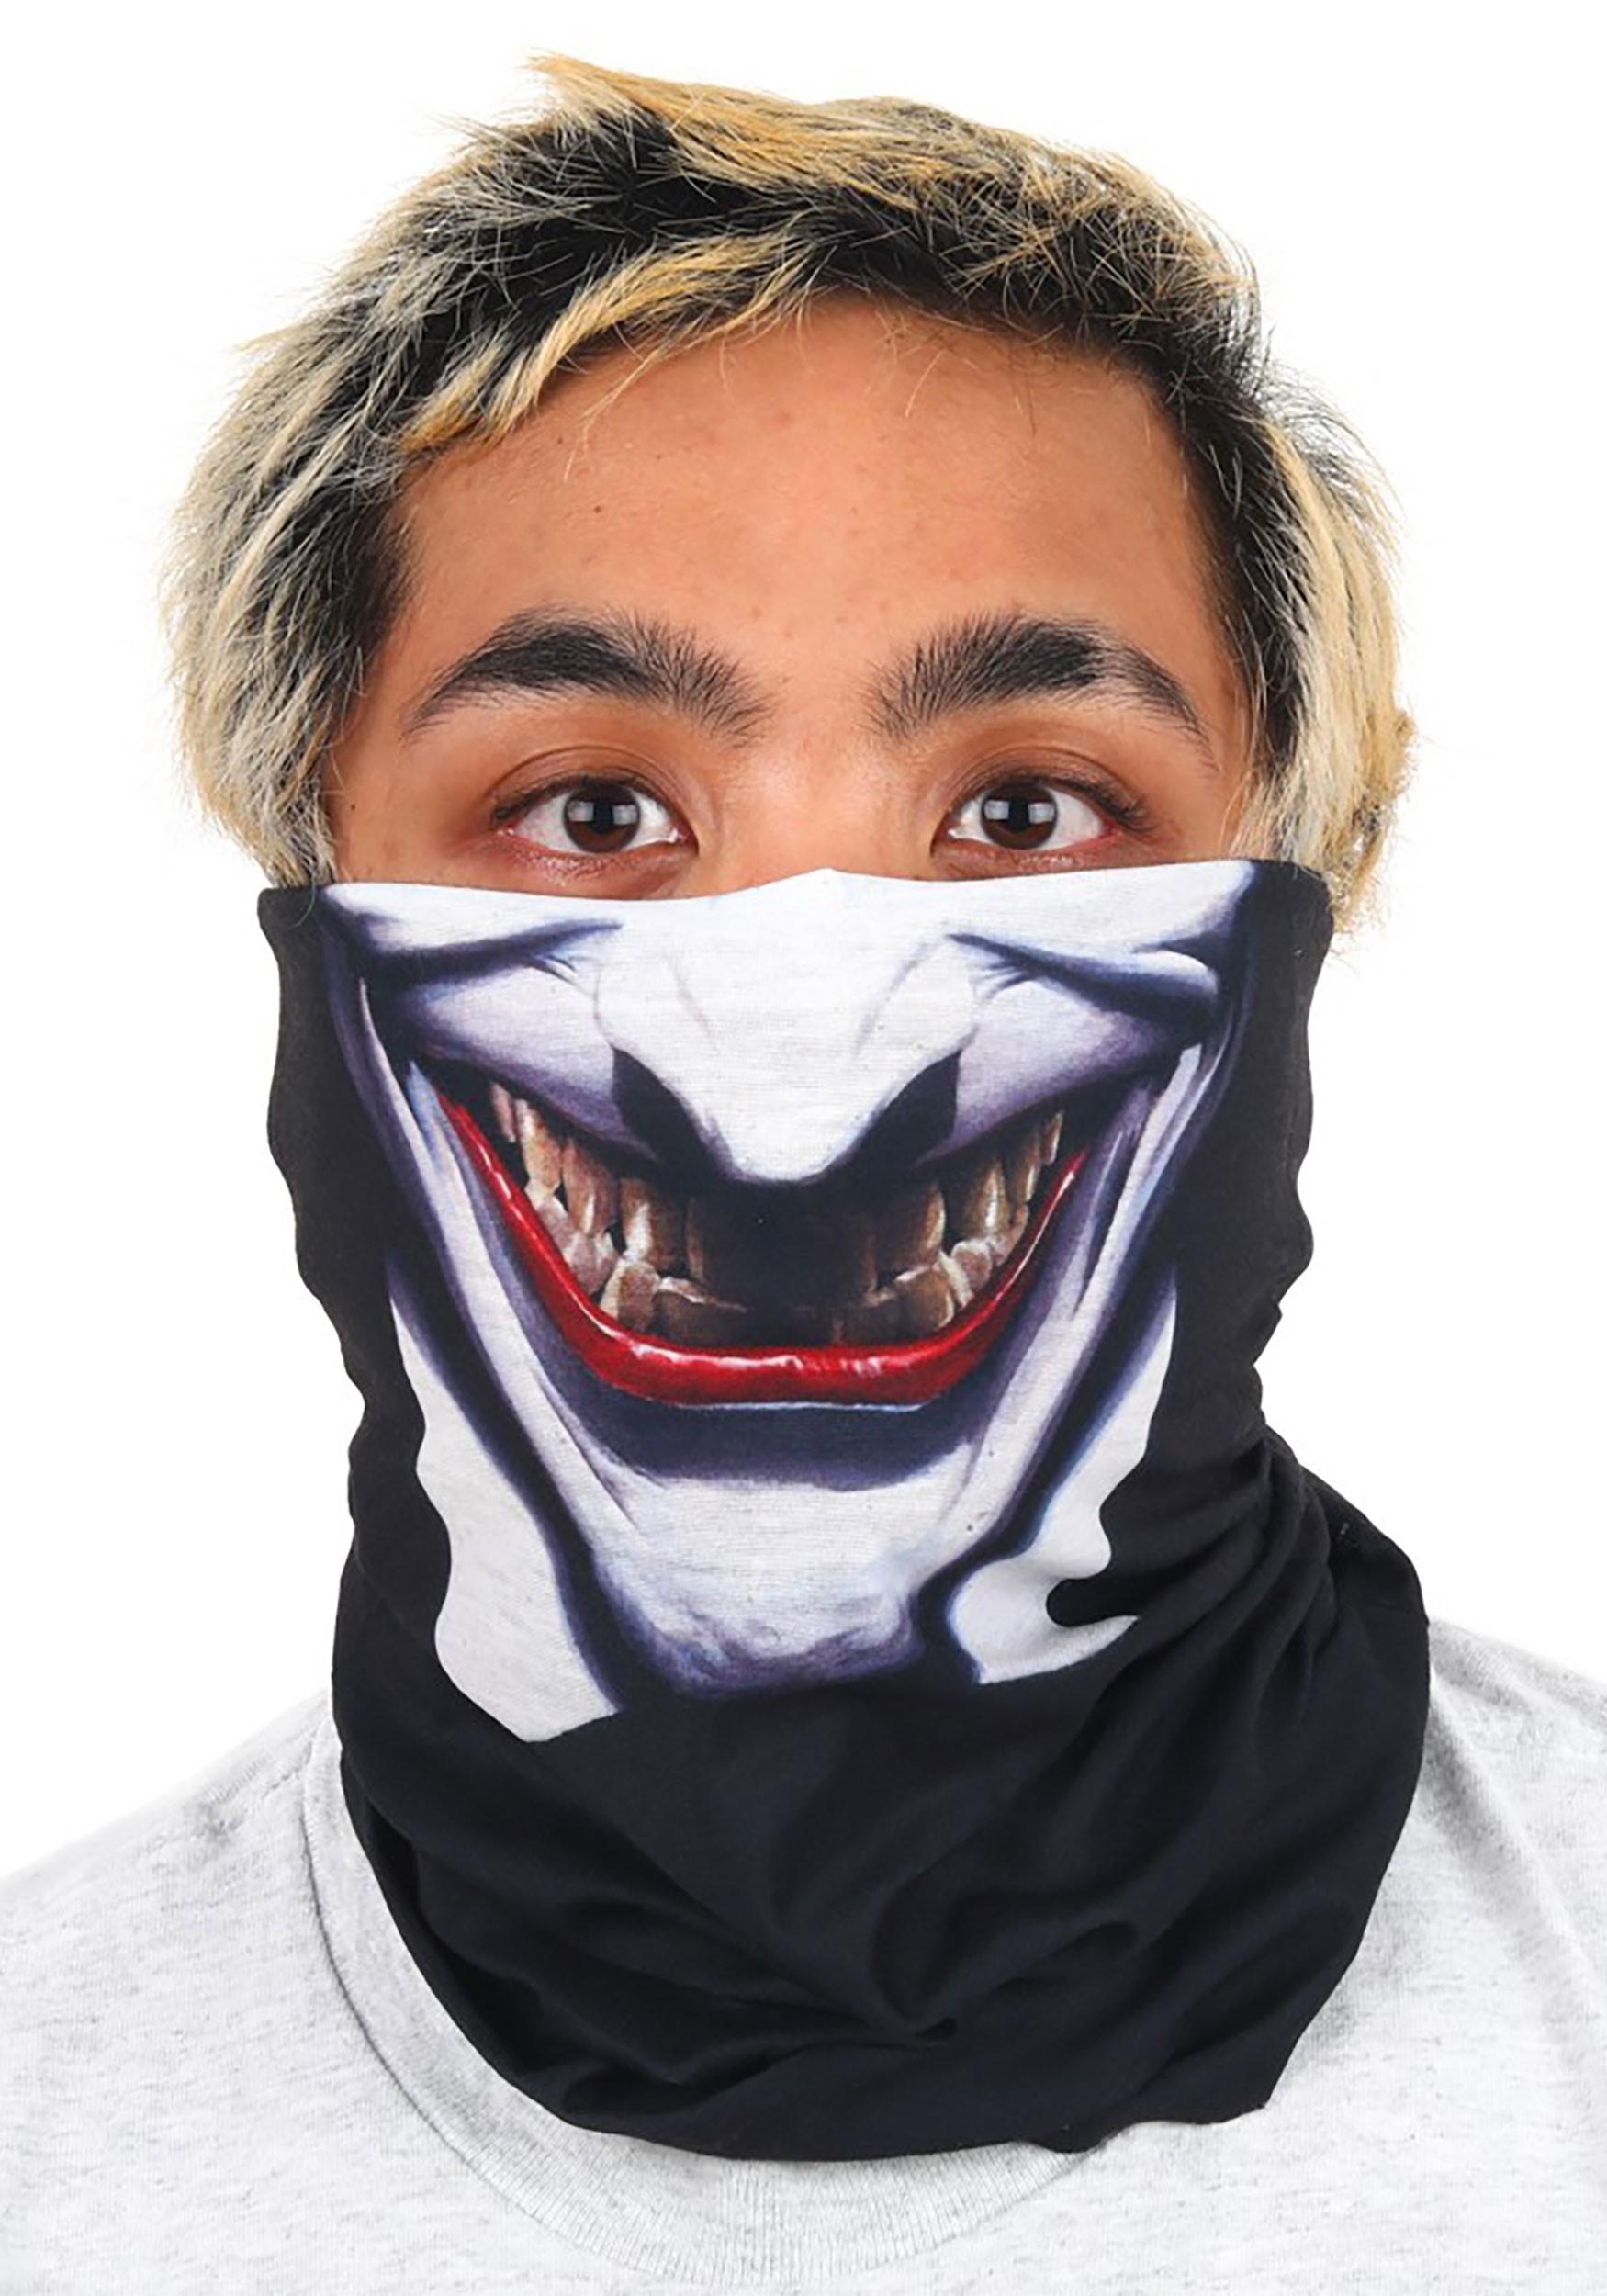 The Joker Neck Gaiter for Adults